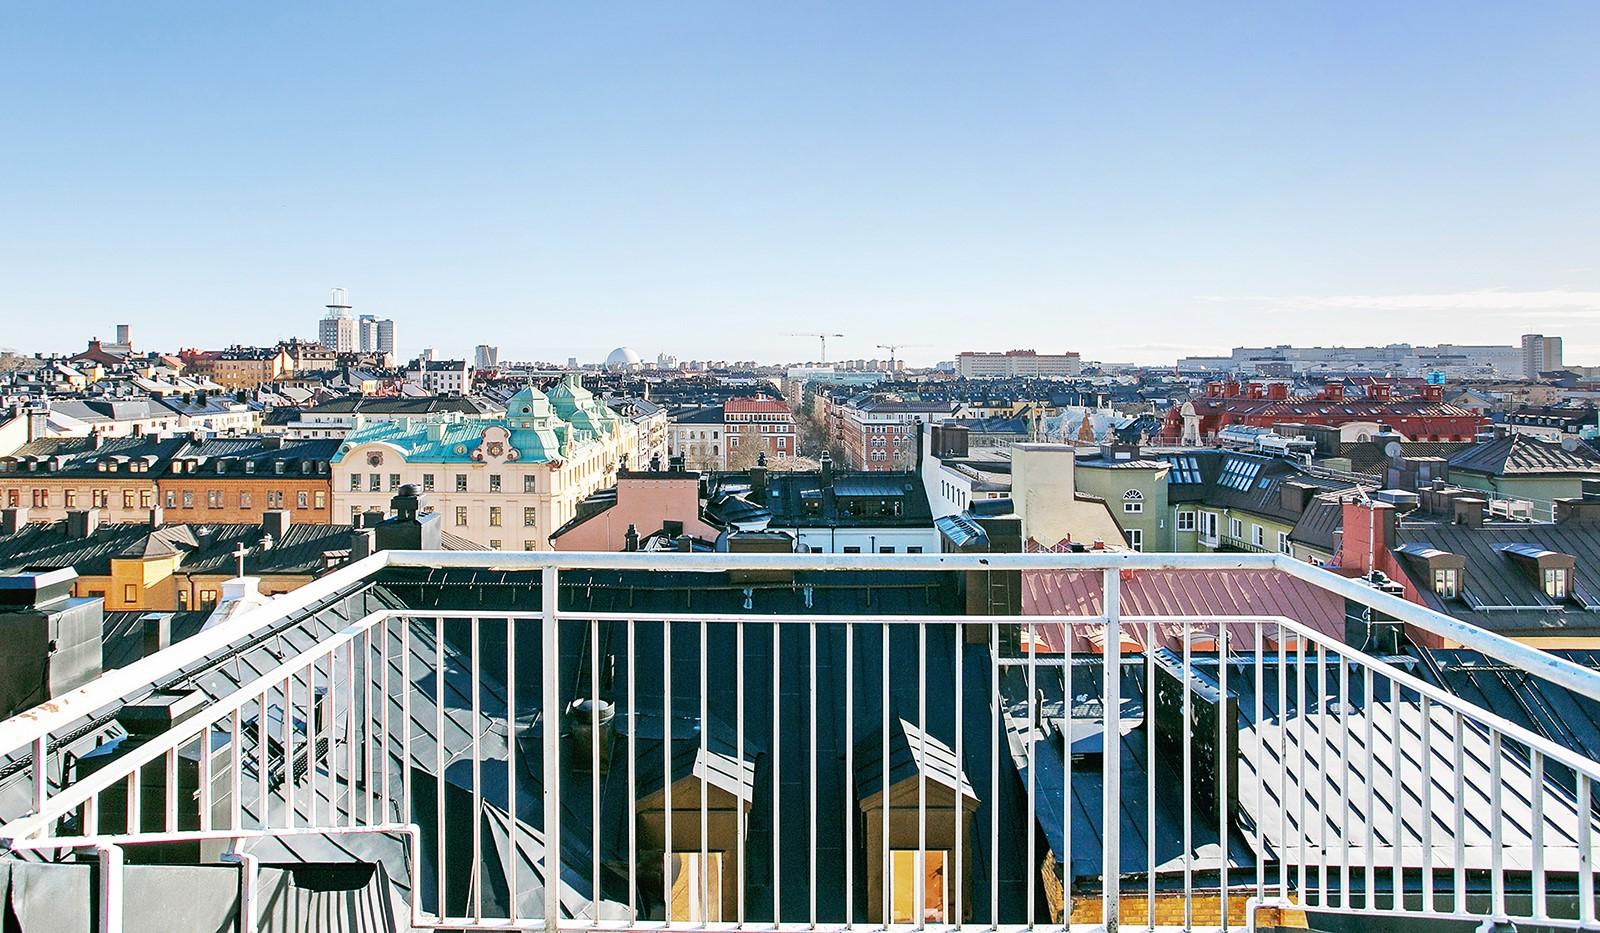 Tavastgatan 15, 2 tr - Spektakulär utsikt från takterrassen